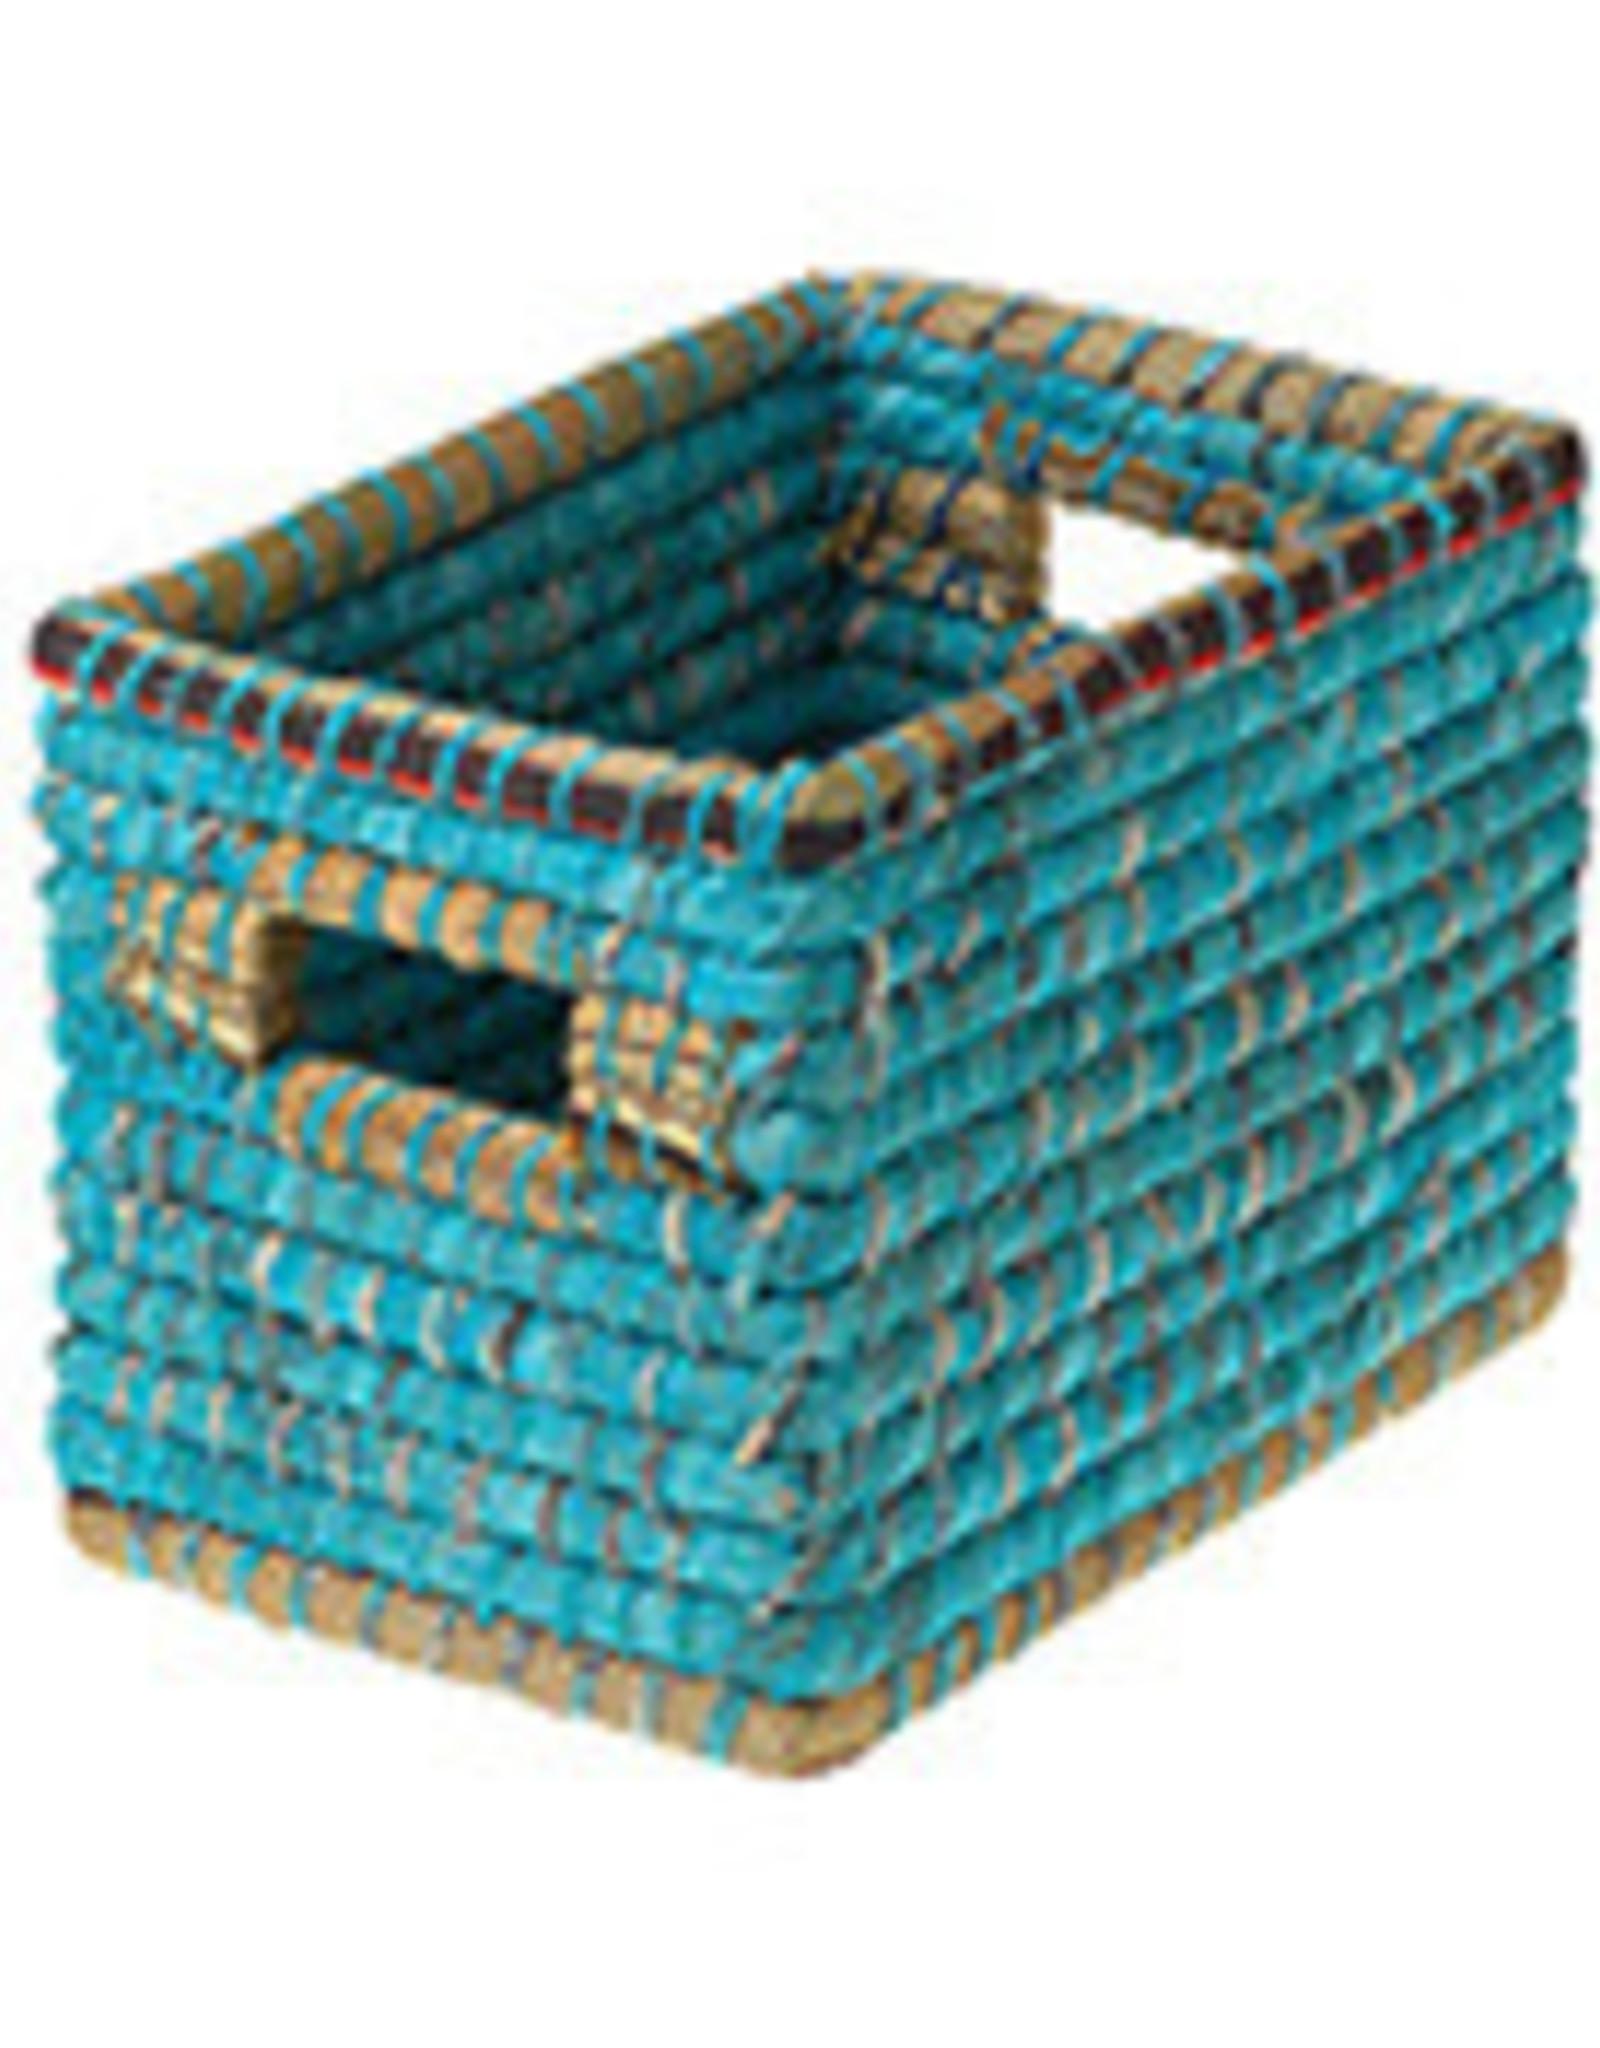 Small Chindi Basket, Bangladesh, Teal